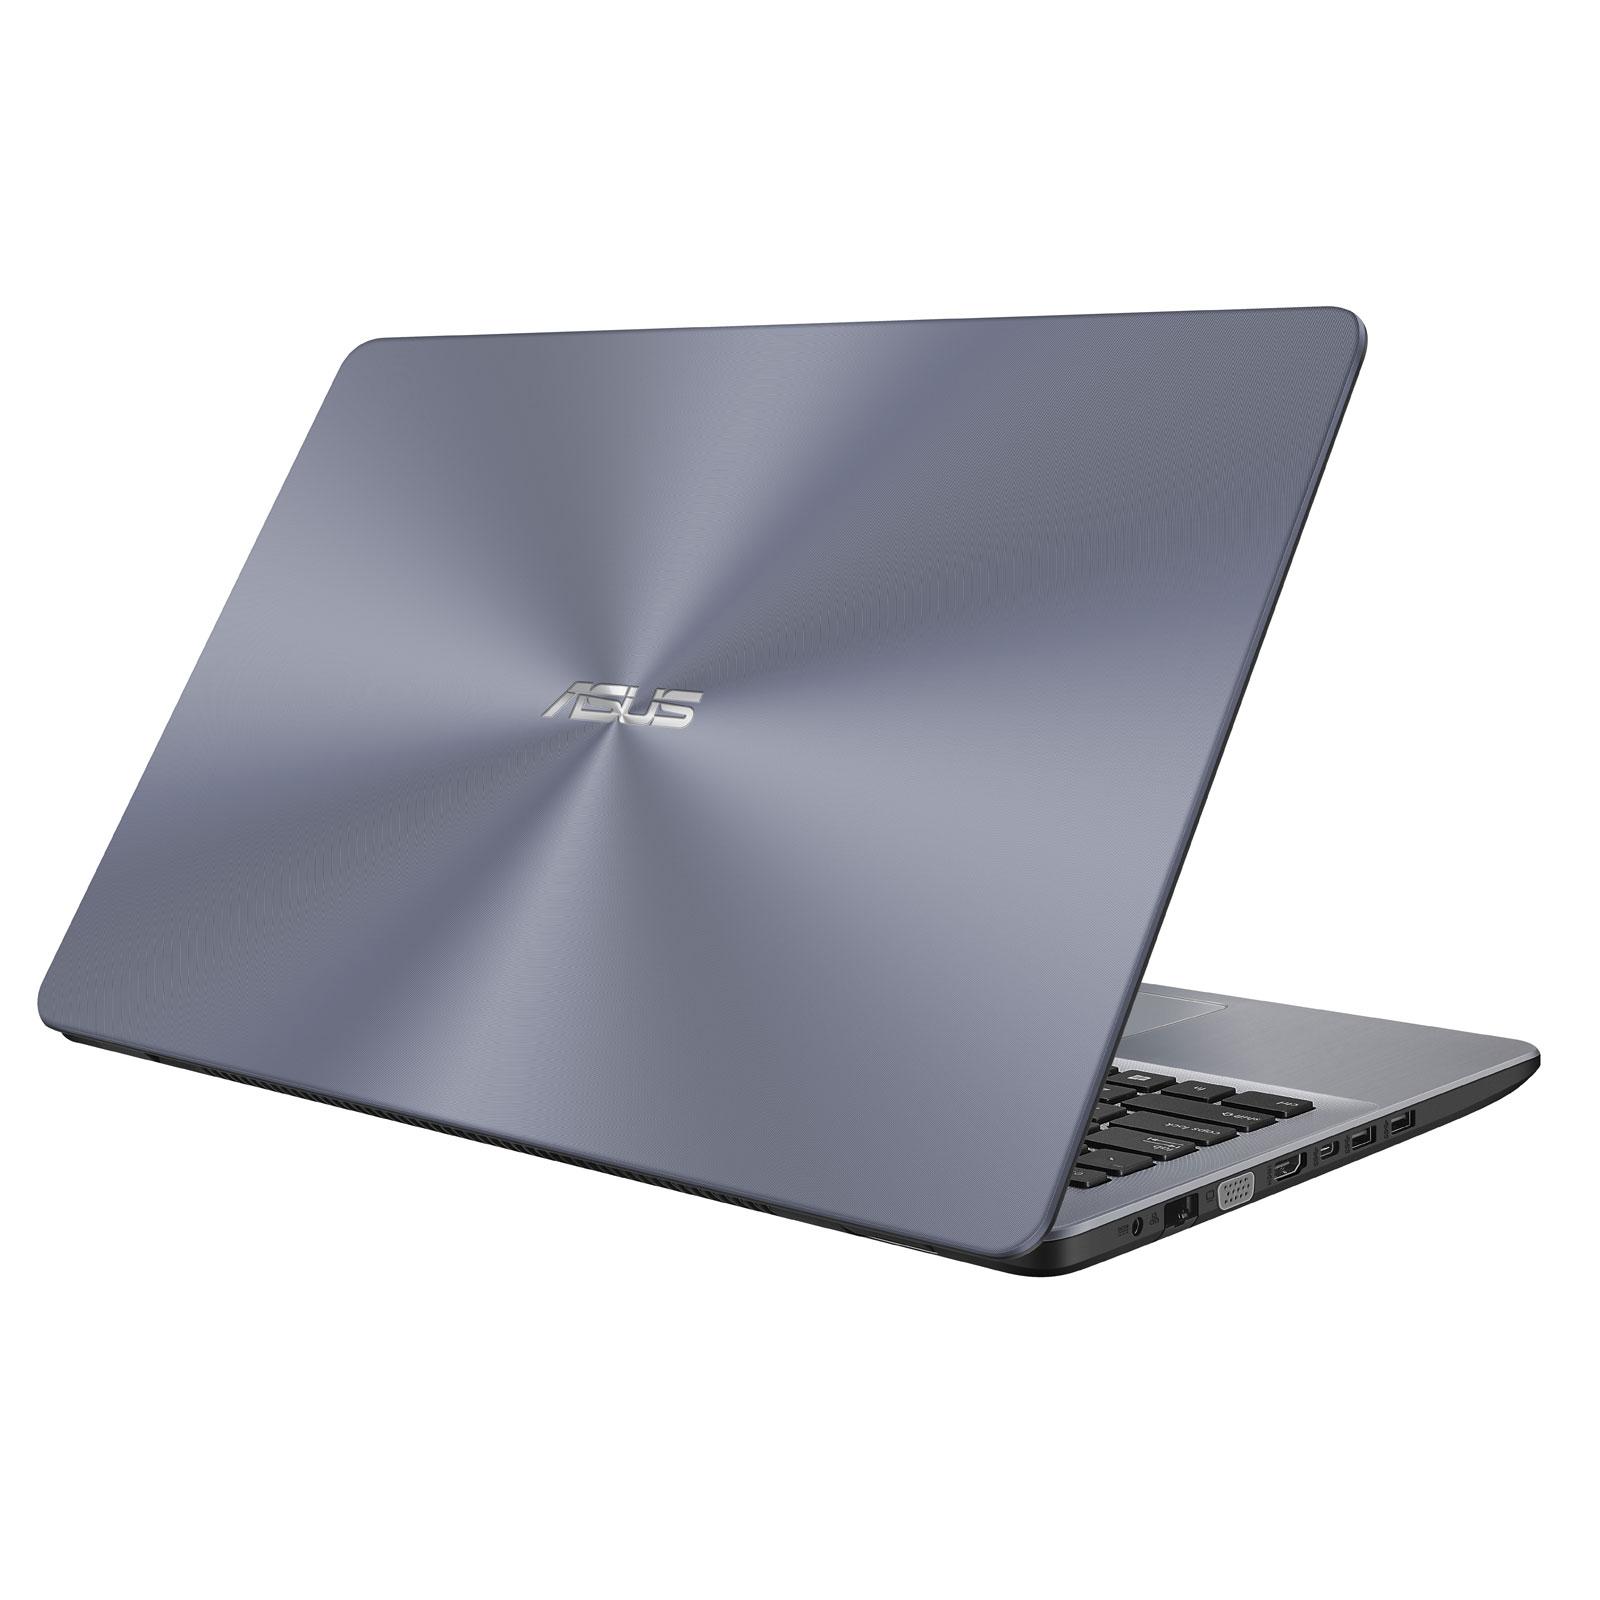 Asus 90NB0F22-M08110 - PC portable Asus - Cybertek.fr - 2